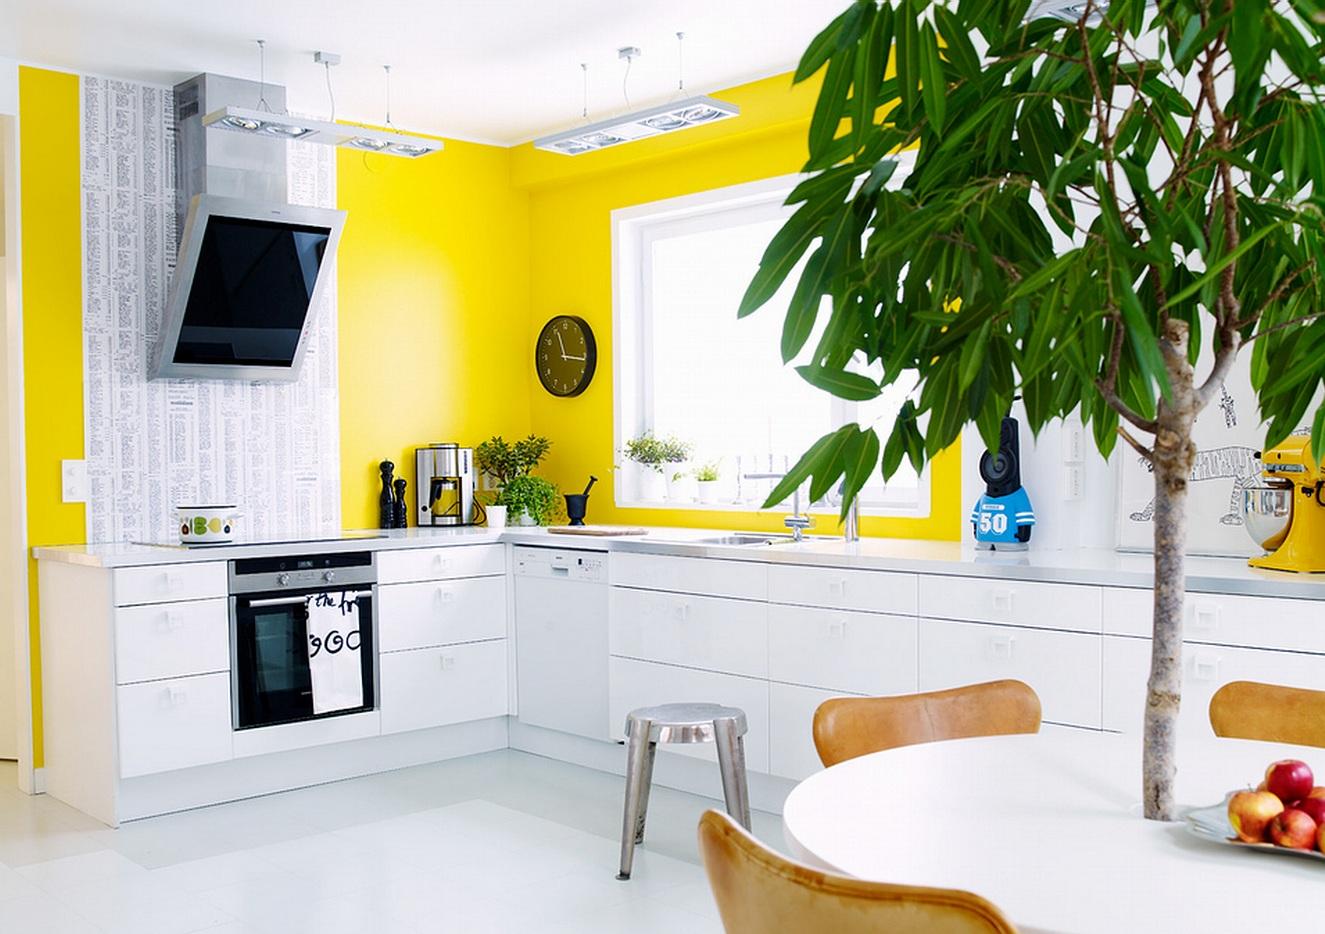 Цвет обоев для кухни (82 фото): какого оттенка выбрать под желто-коричневый кухонный гарнитур, сочетание двух расцветок